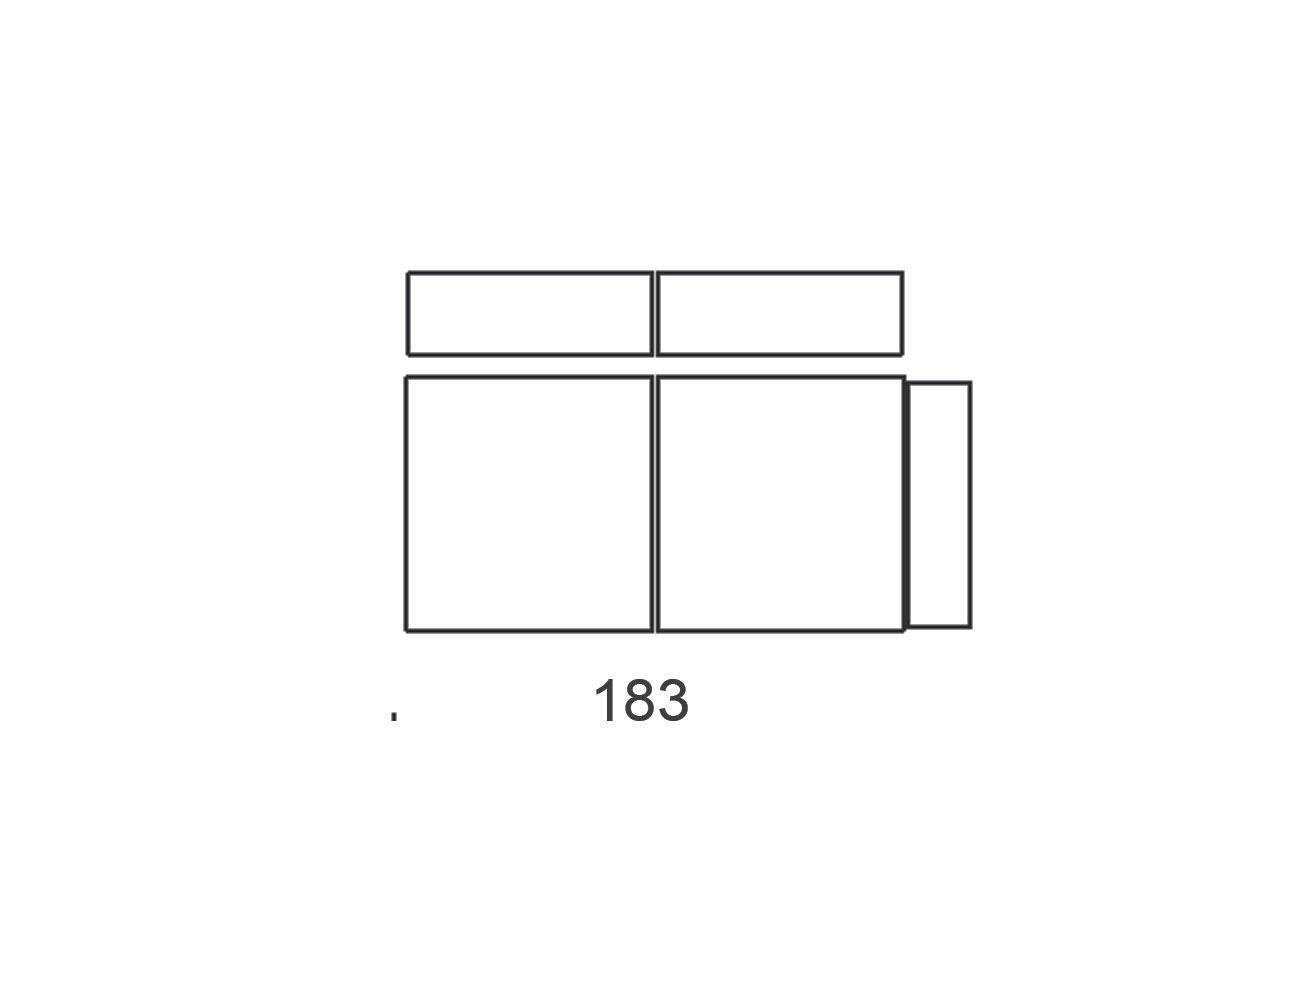 Modulo 183